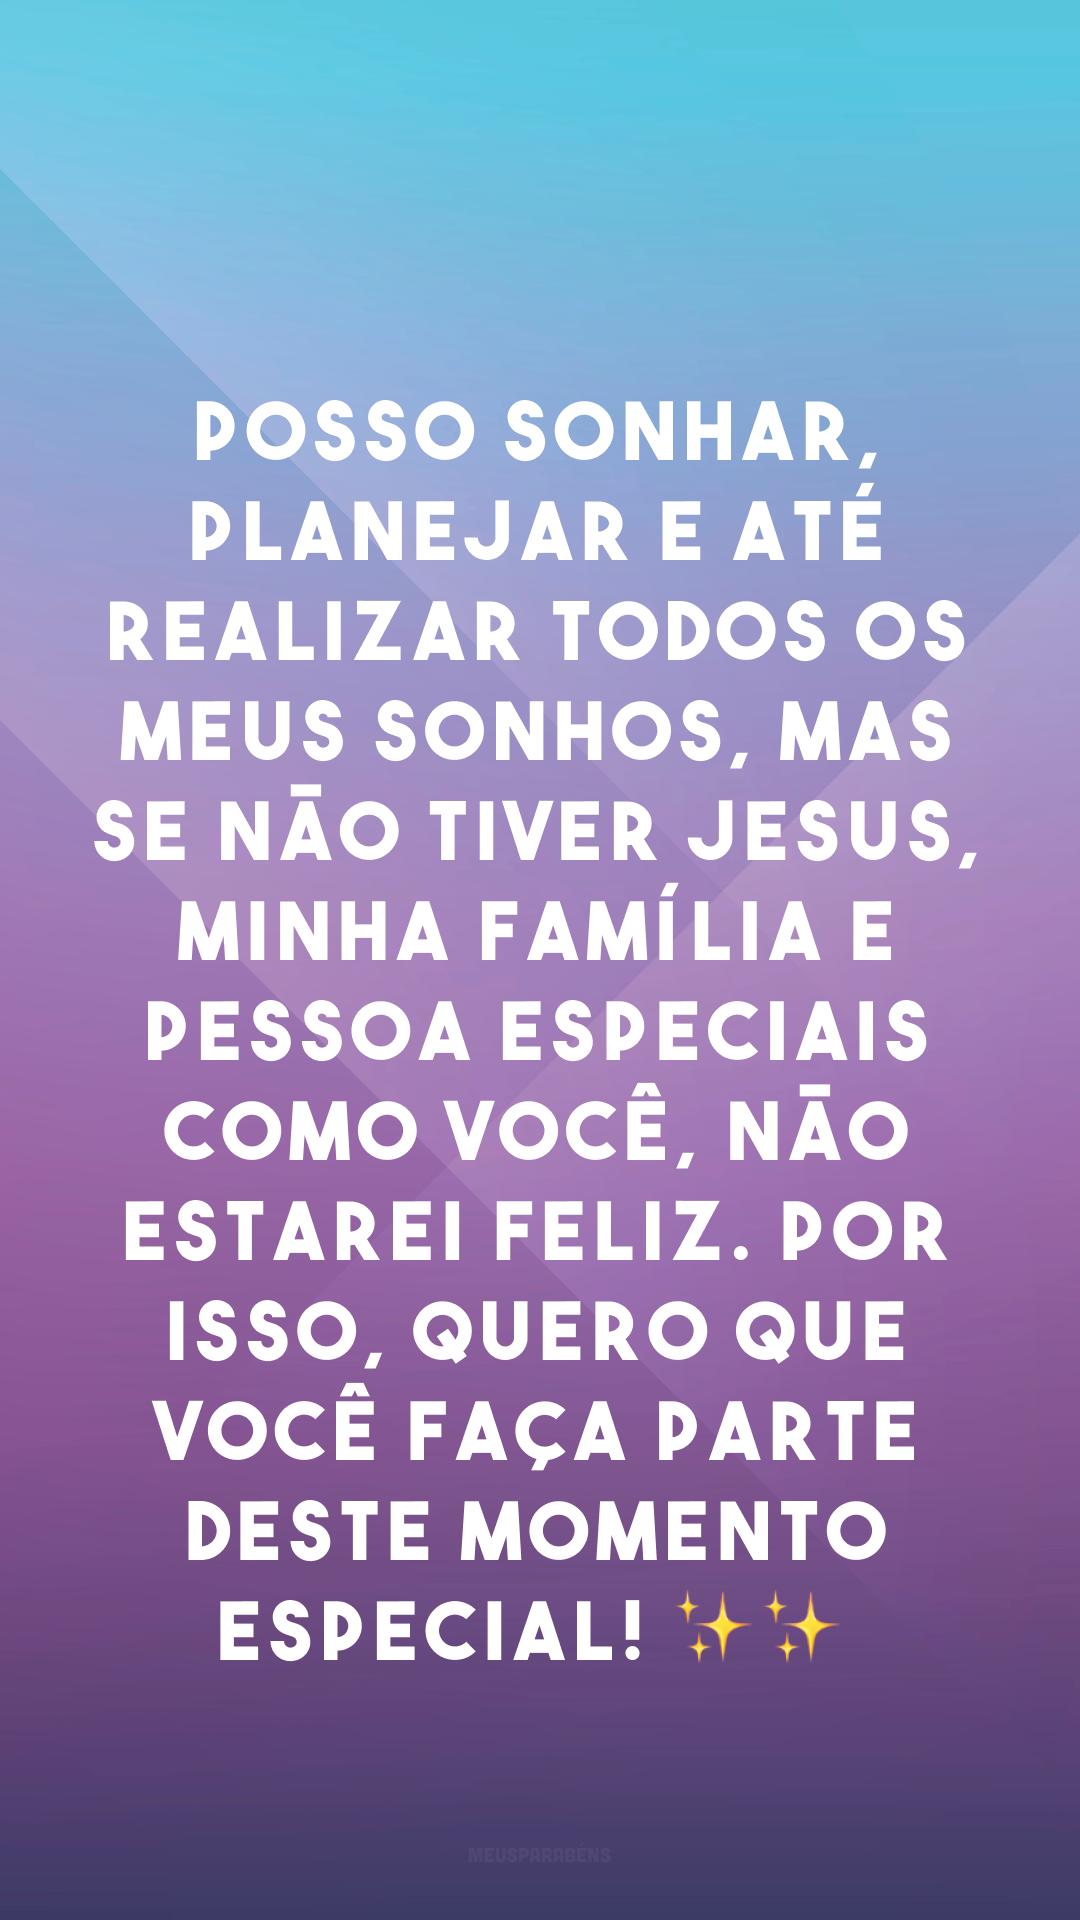 Posso sonhar, planejar e até realizar todos os meus sonhos, mas se não tiver Jesus, minha família e pessoa especiais como você, não estarei feliz. Por isso, quero que você faça parte deste momento especial! ✨✨